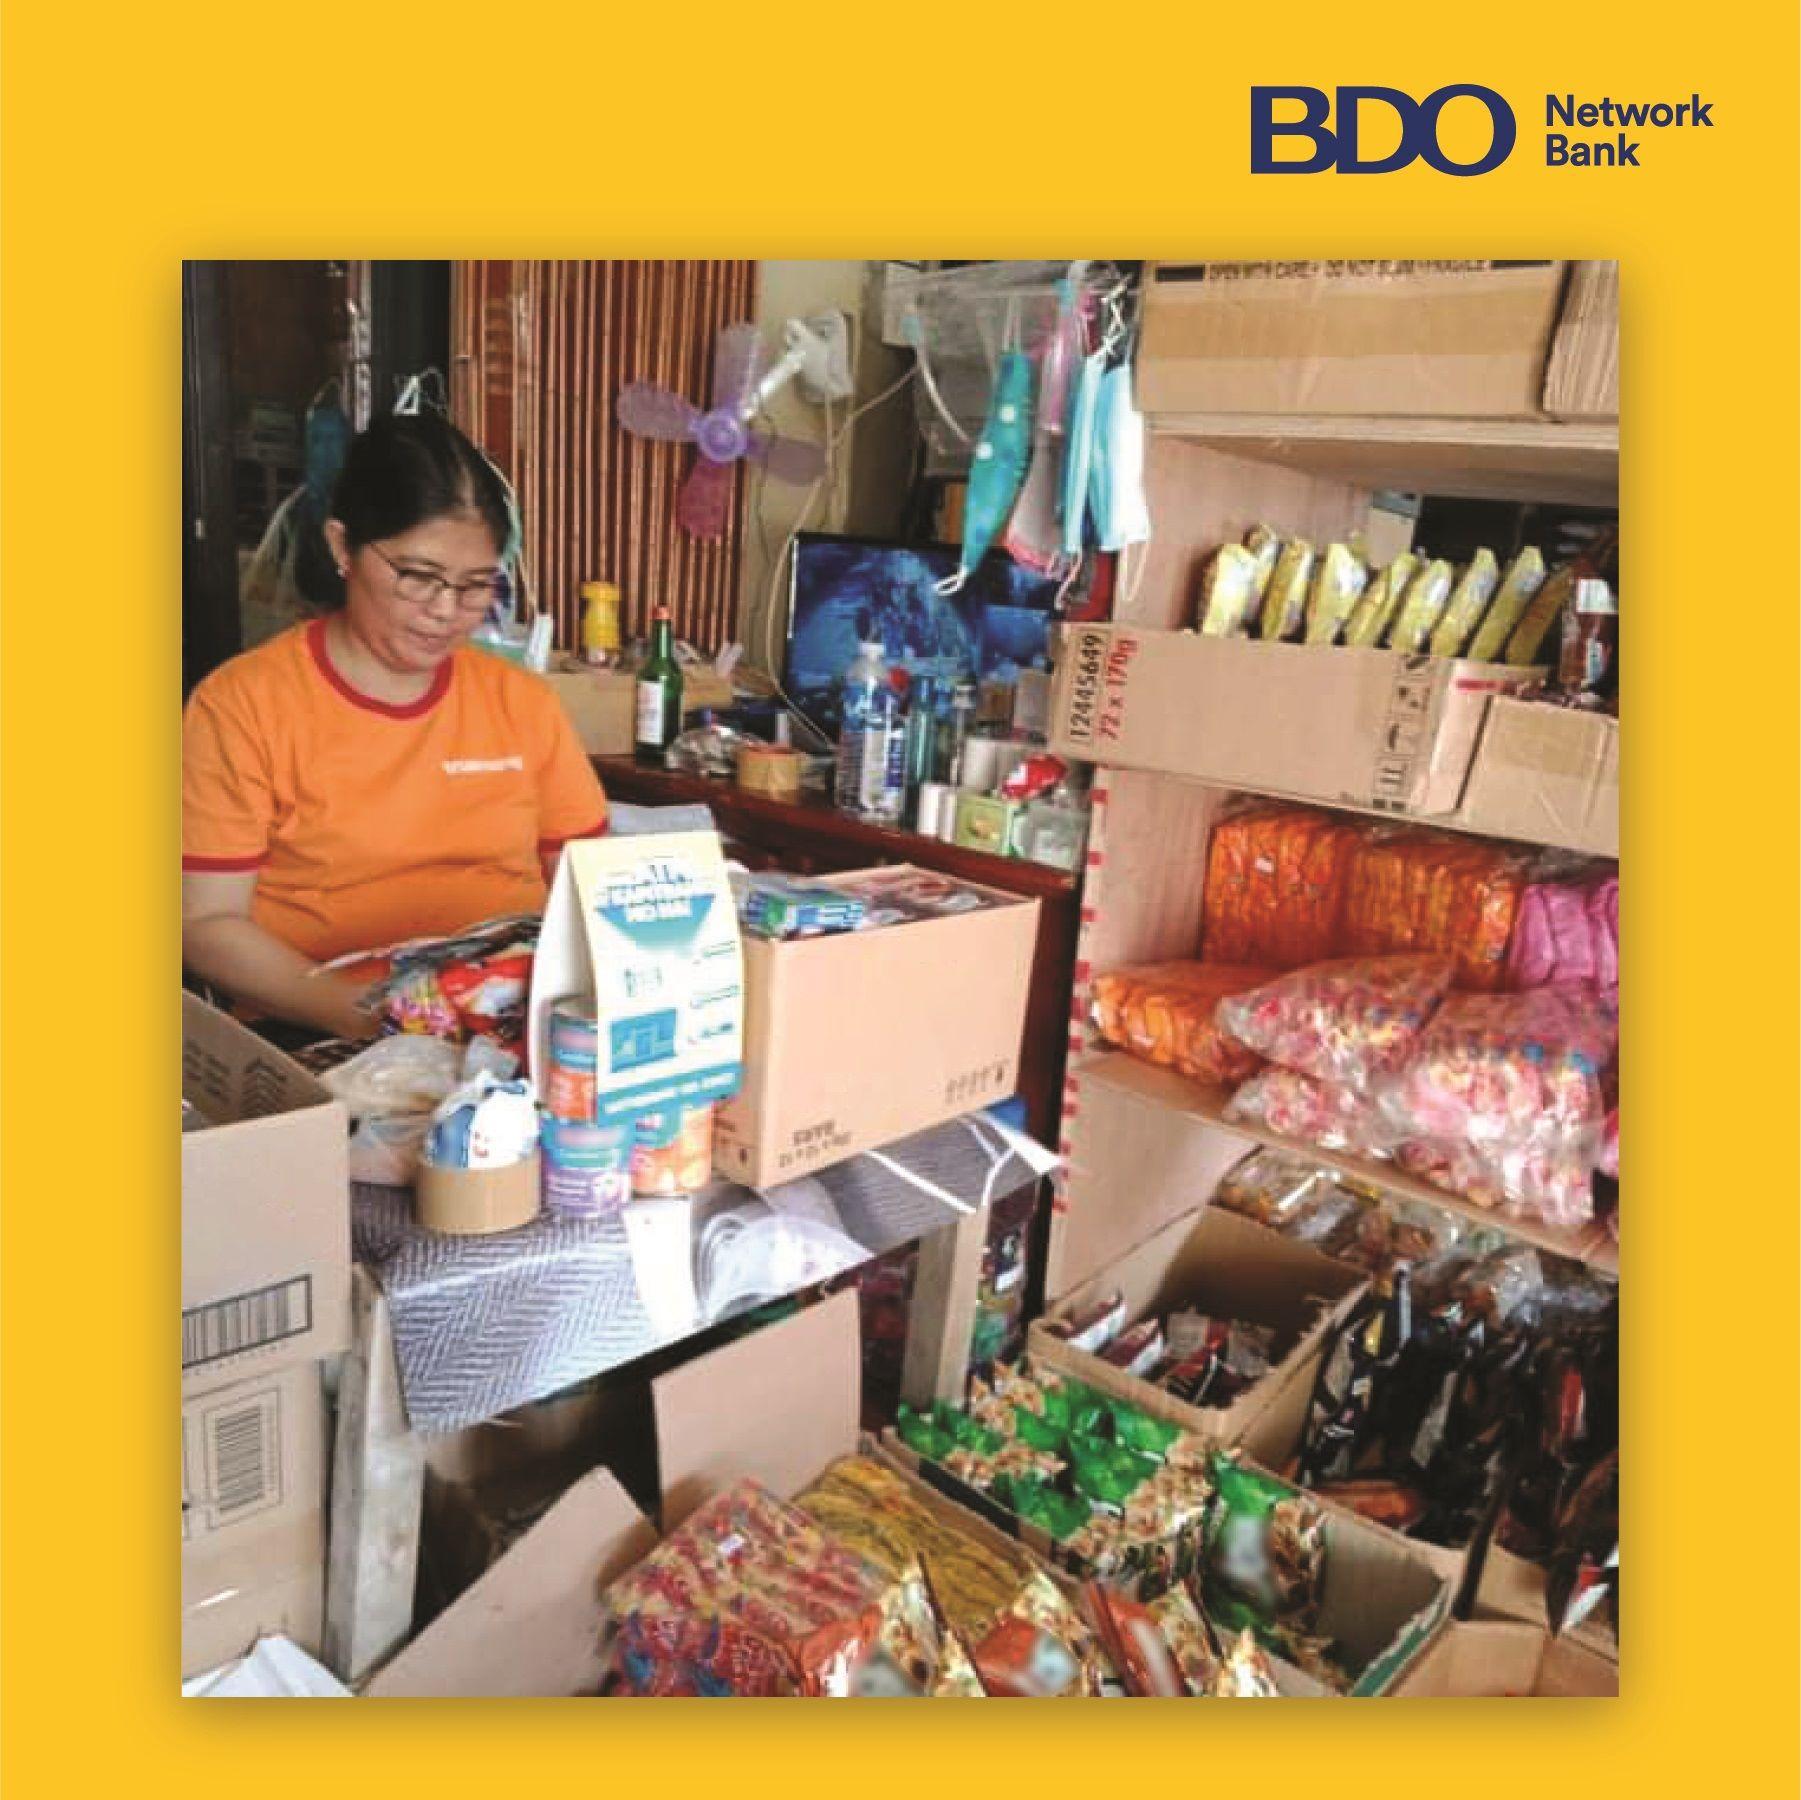 BDO Network Bank may treat para sa love month